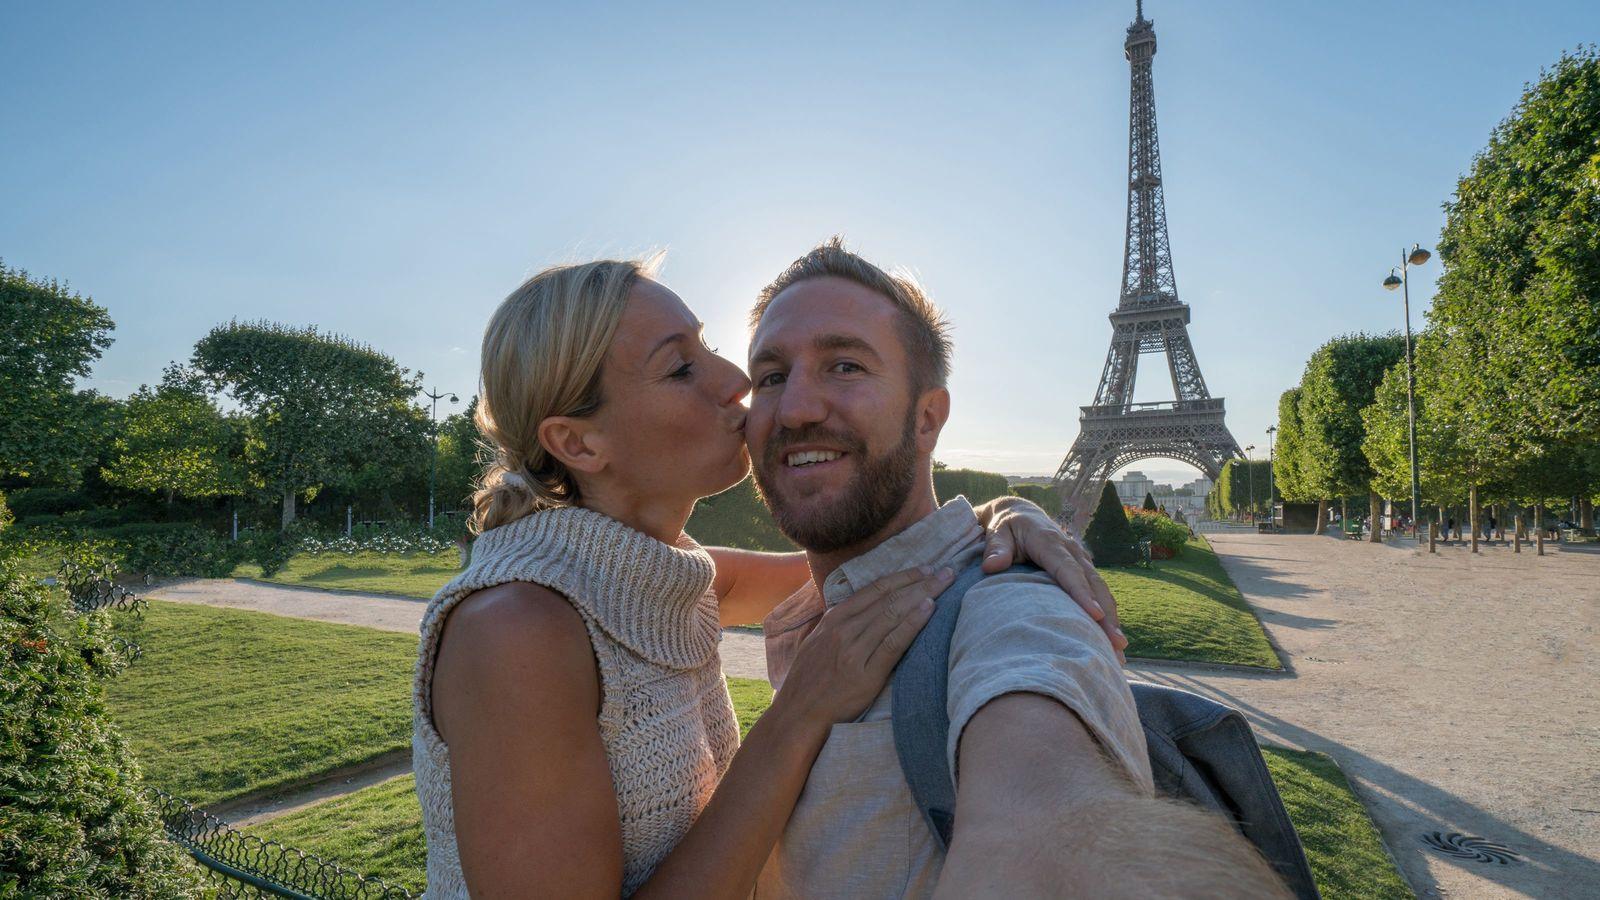 フランス人が好む「エッチなジョーク」の中身 そのルーツは13世紀にまで遡る